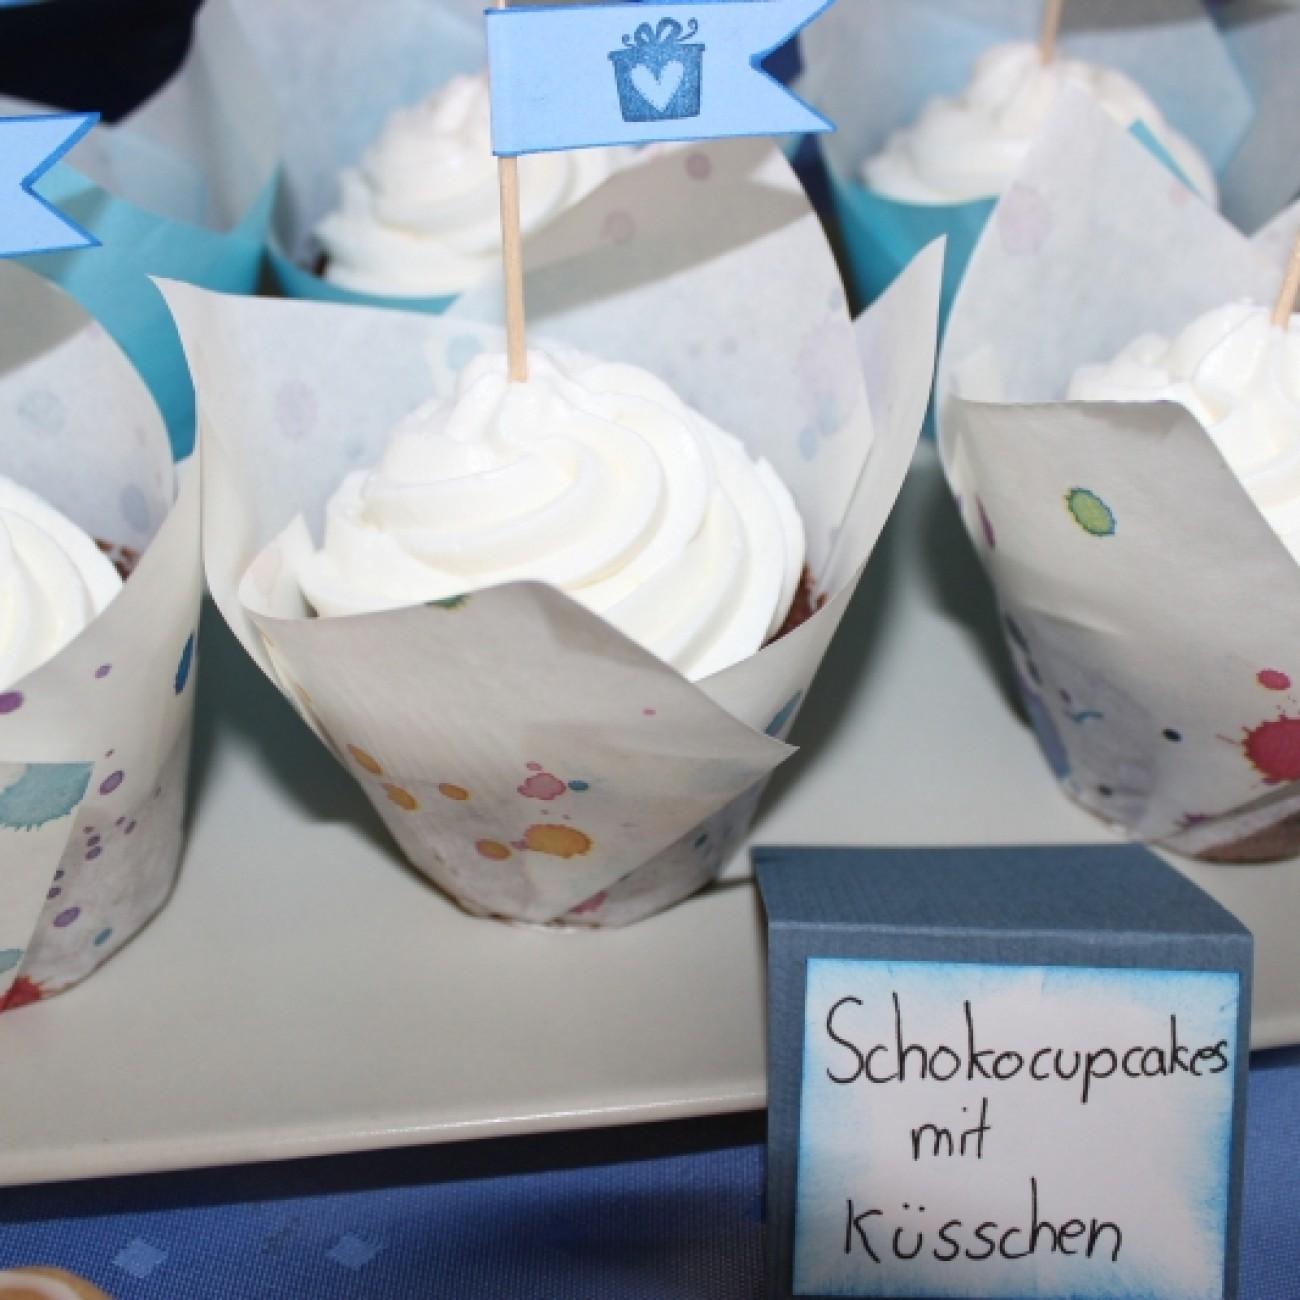 Schokocupcakes mit Küsschen